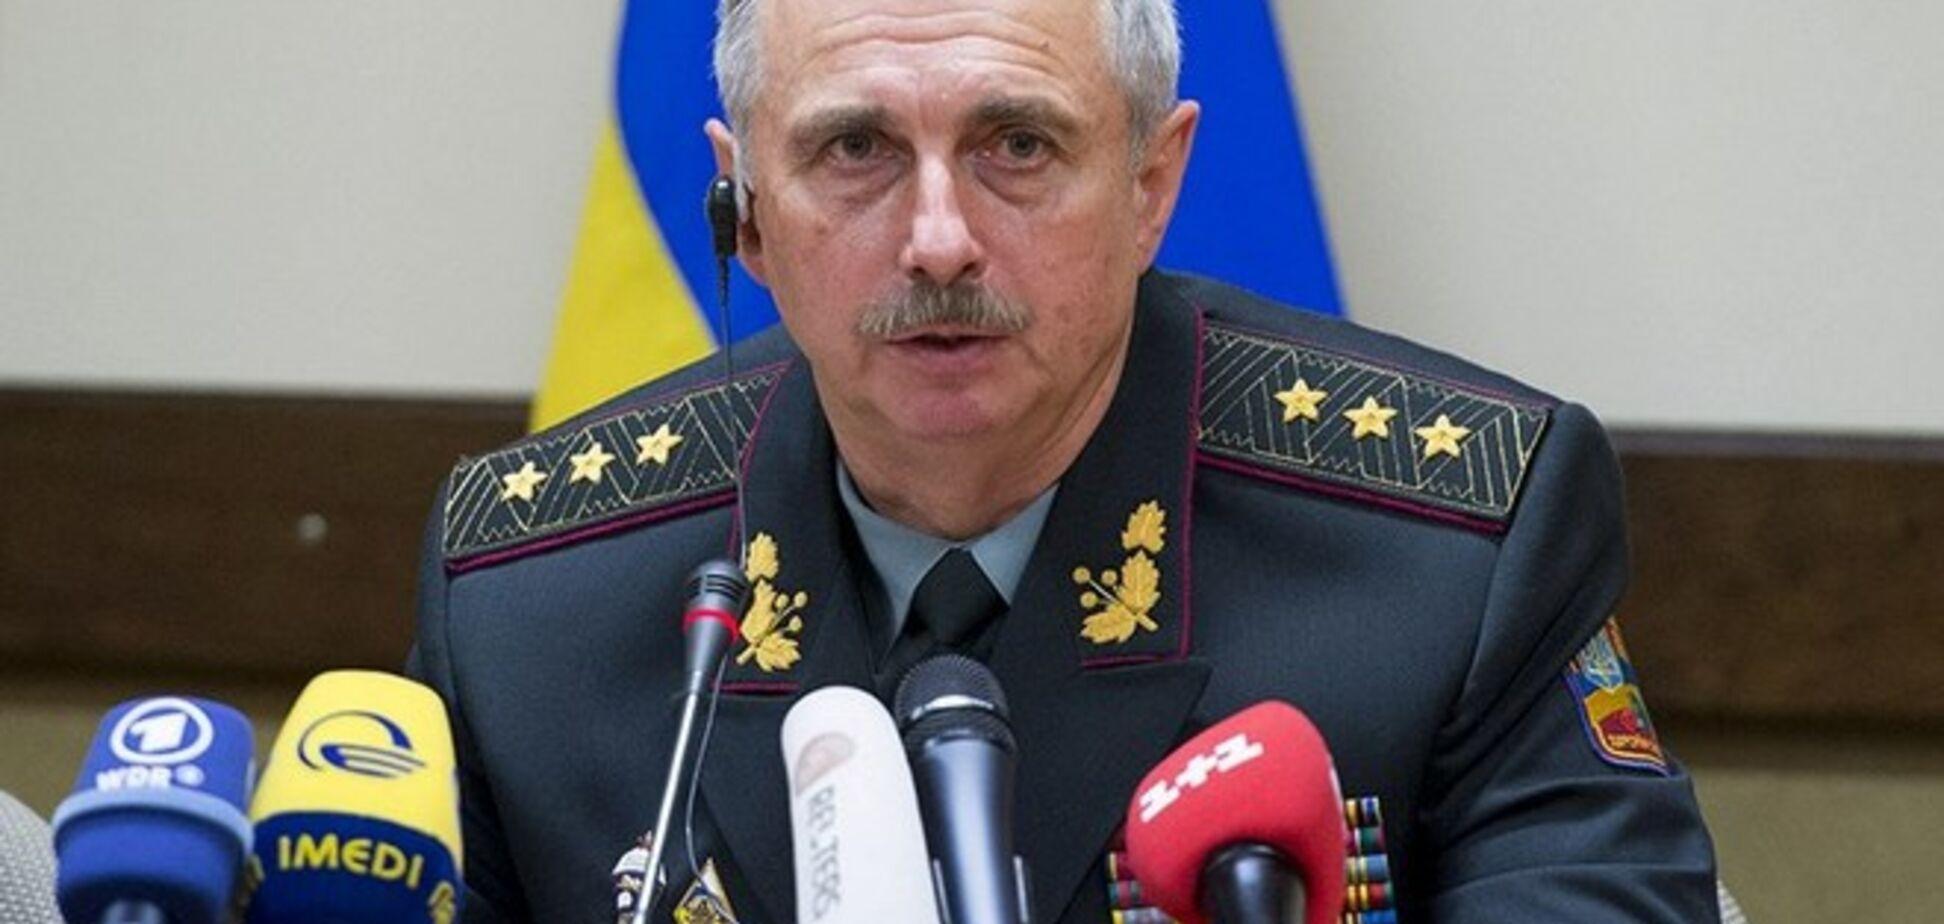 Міноборони: літаки, що залишилися в Криму, РФ може використовувати для провокацій